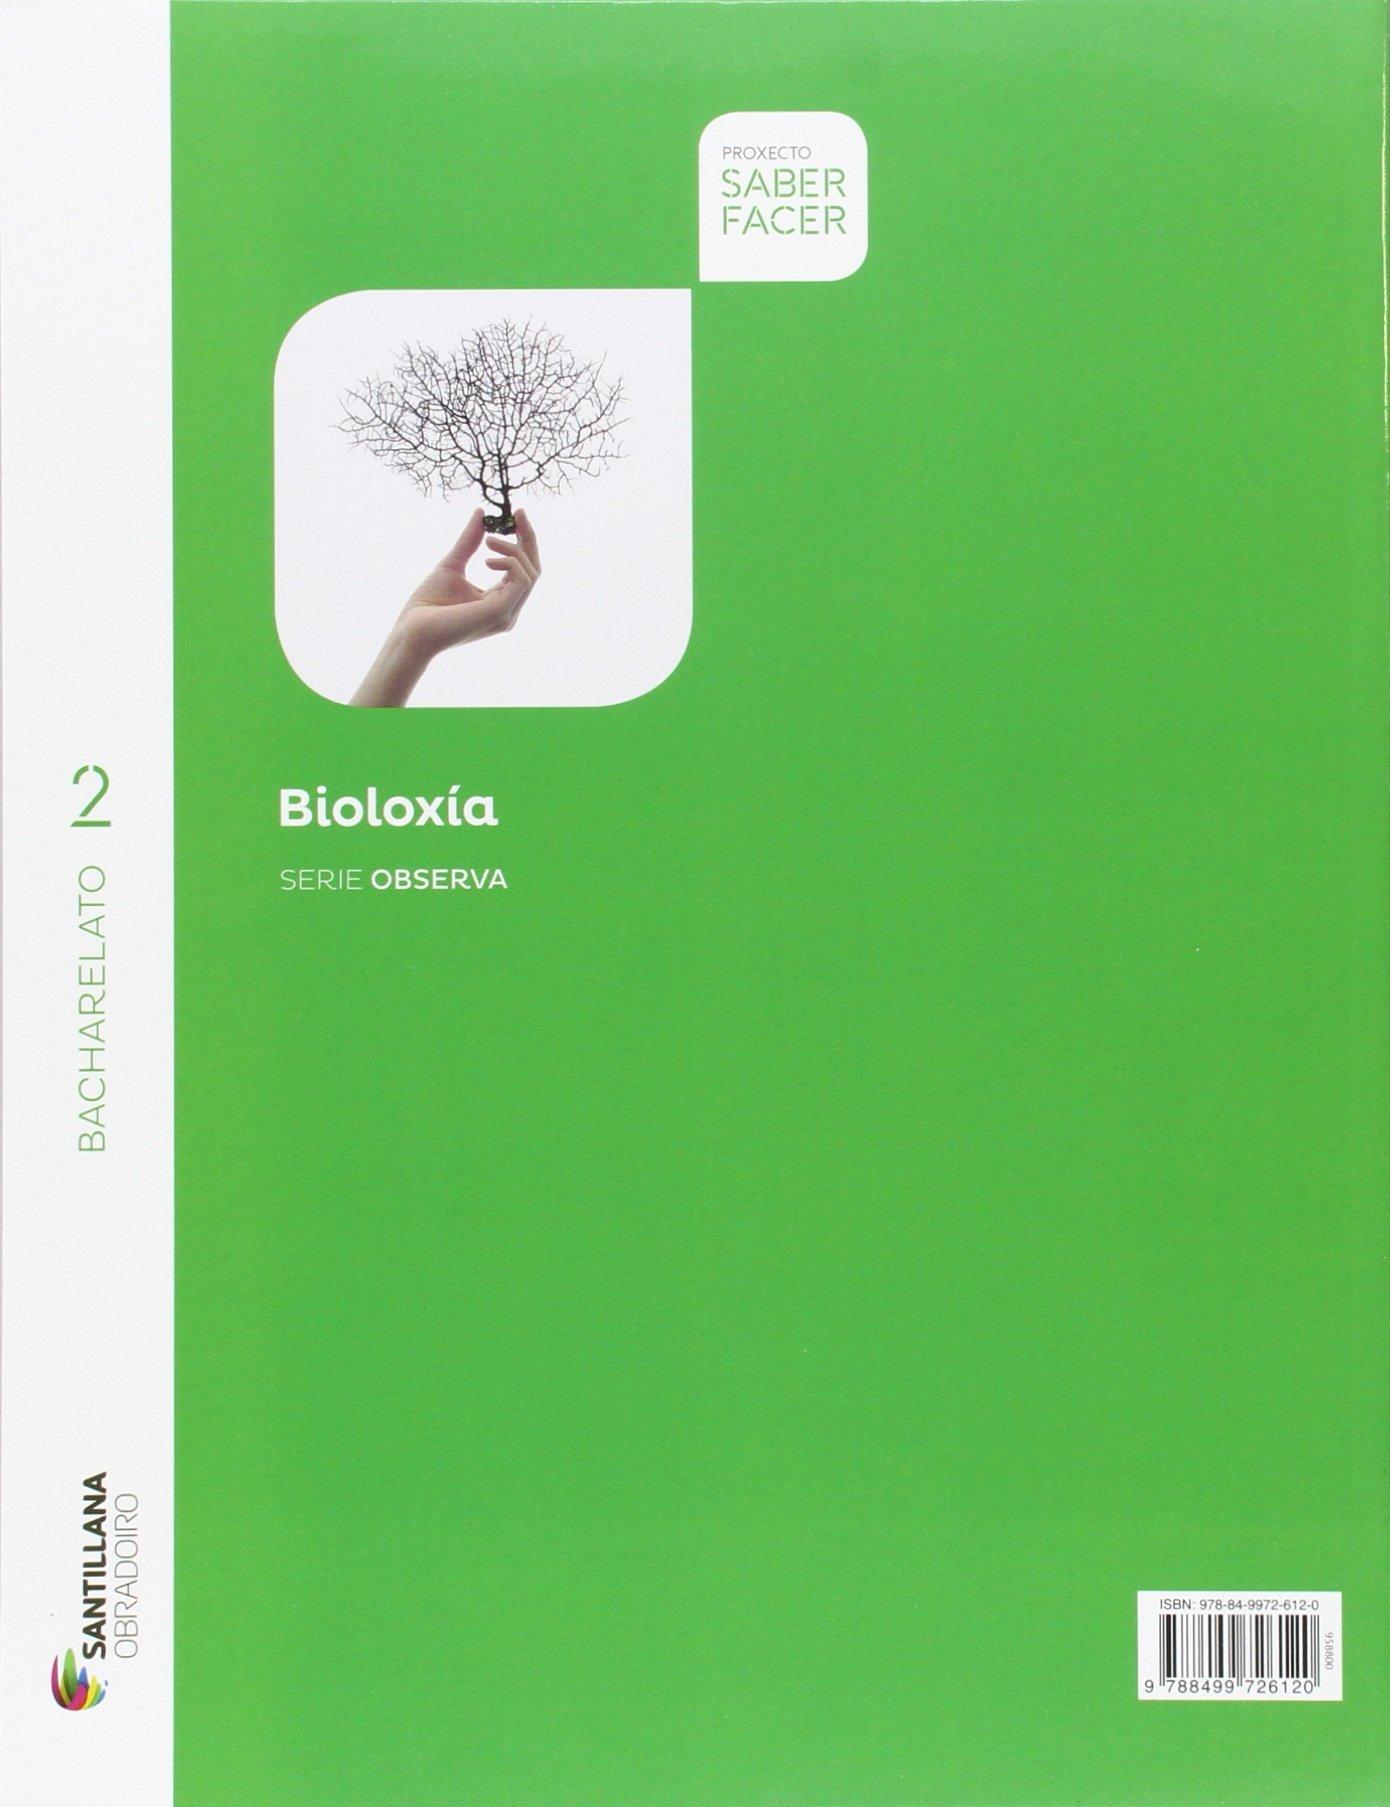 BIOLOXIA SERIE OBSERVA 2 BCH SABER FACER - 9788499726939: Amazon.es: Aa.Vv.: Libros